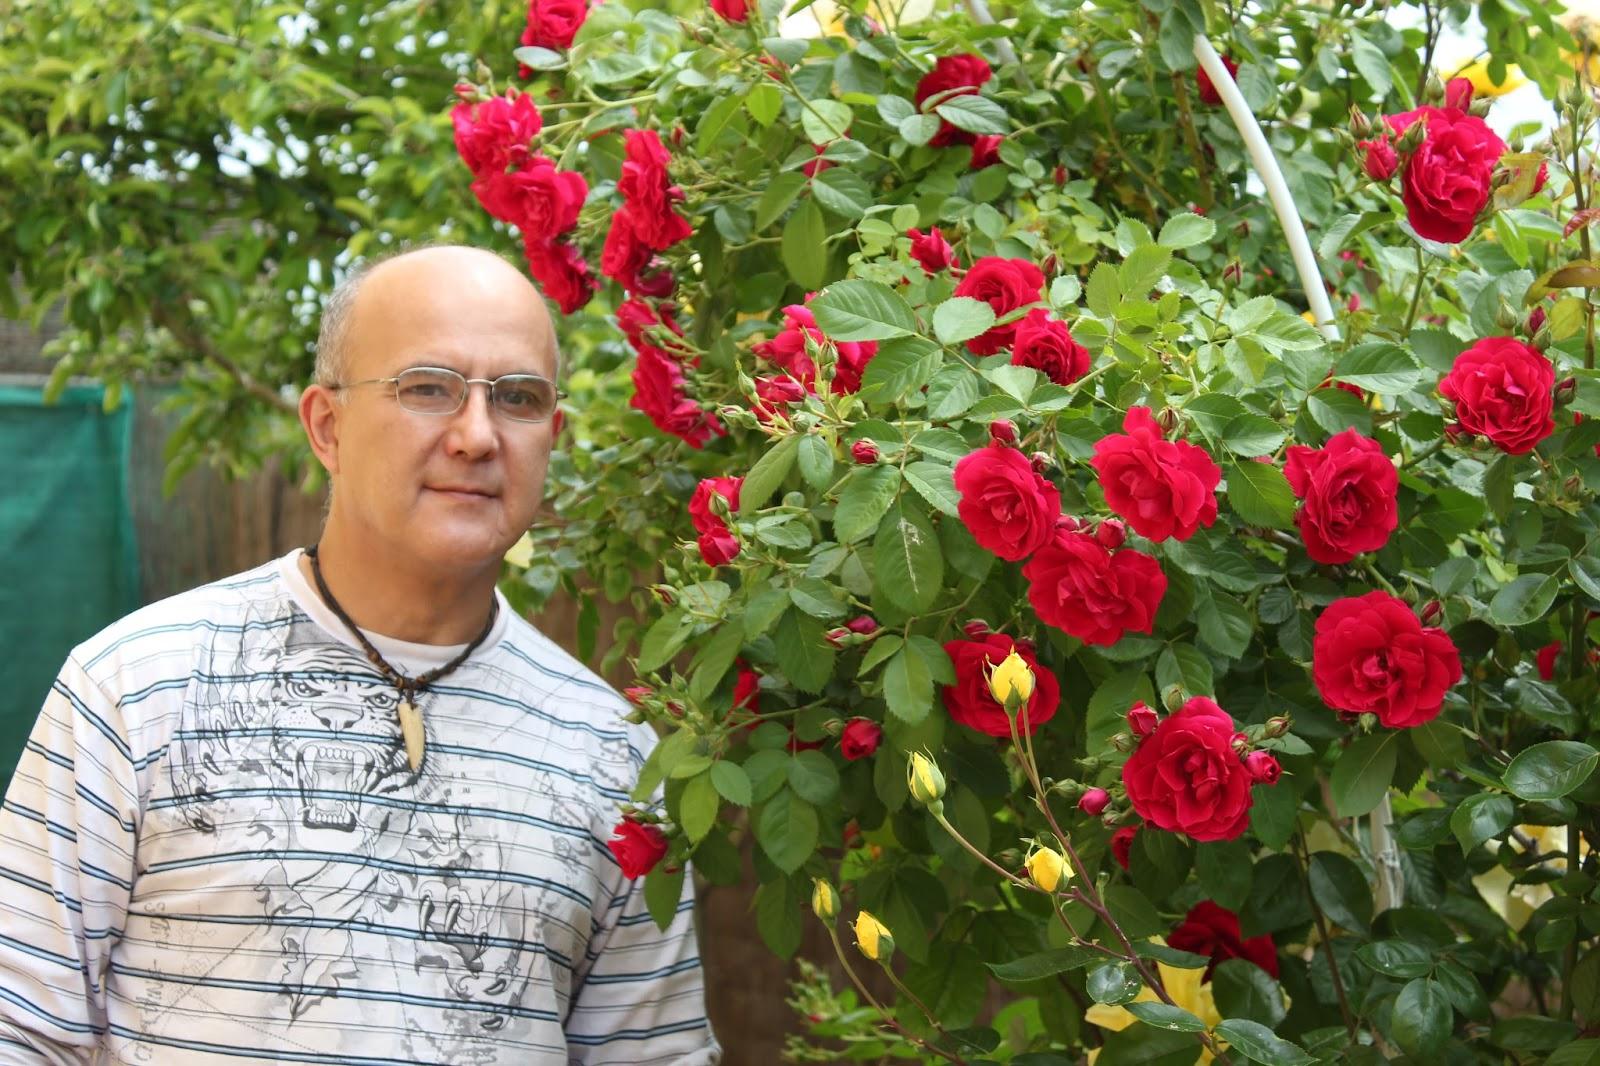 Imagenes De Jardines Con Flores: ARTE Y JARDINERÍA : Flores Y Plantas De Arte Y Jardinería